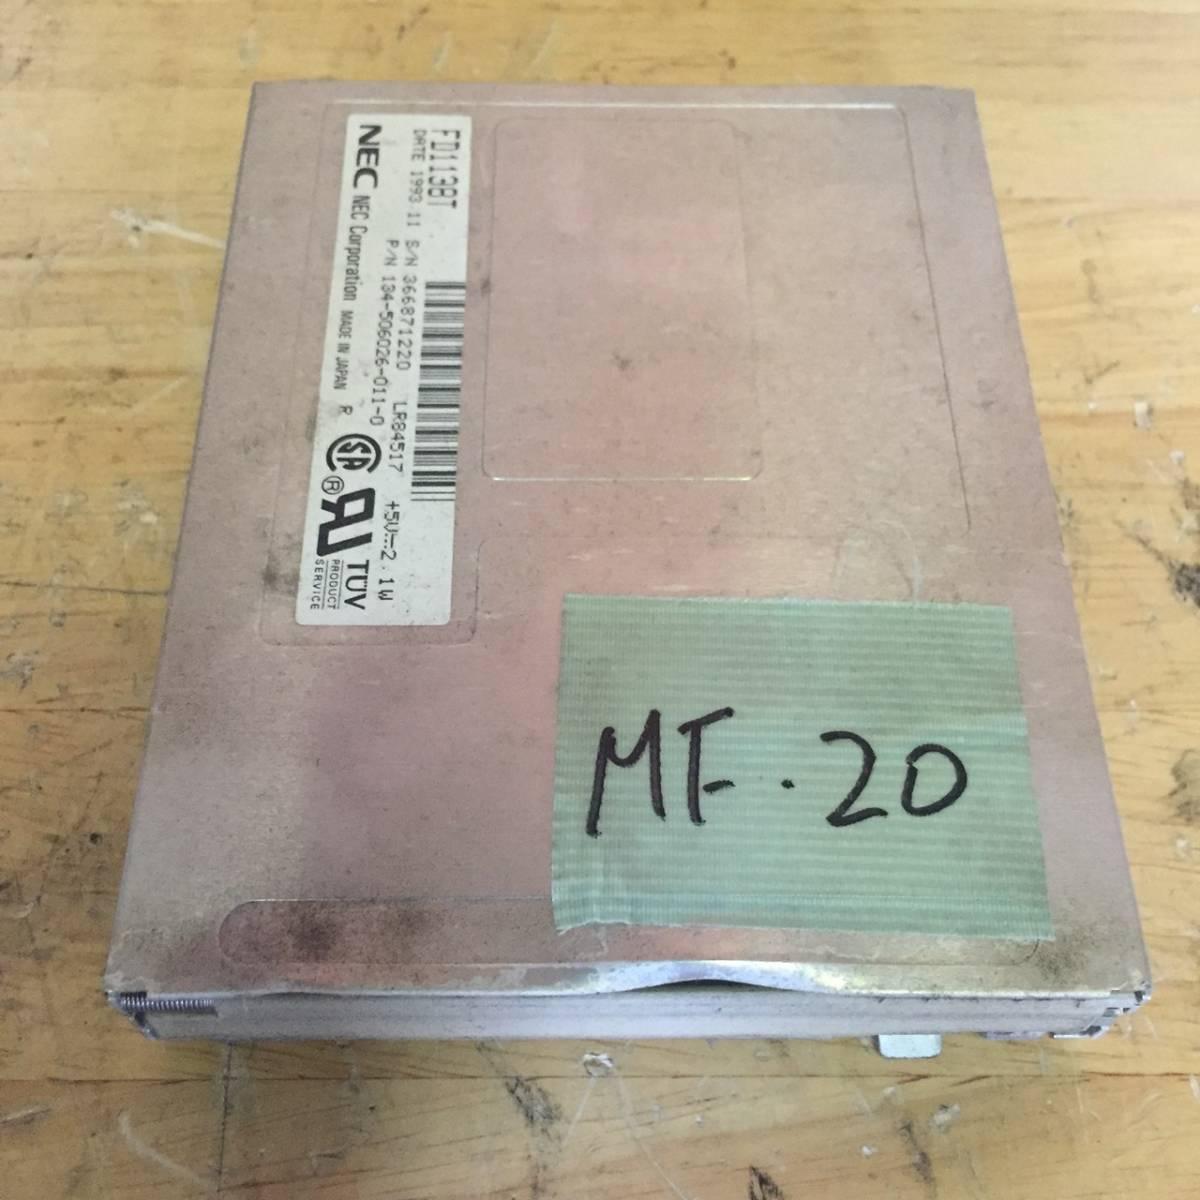 MF20 動作未確認 ジャンク品 NEC FD1138T 3.5インチ FDD